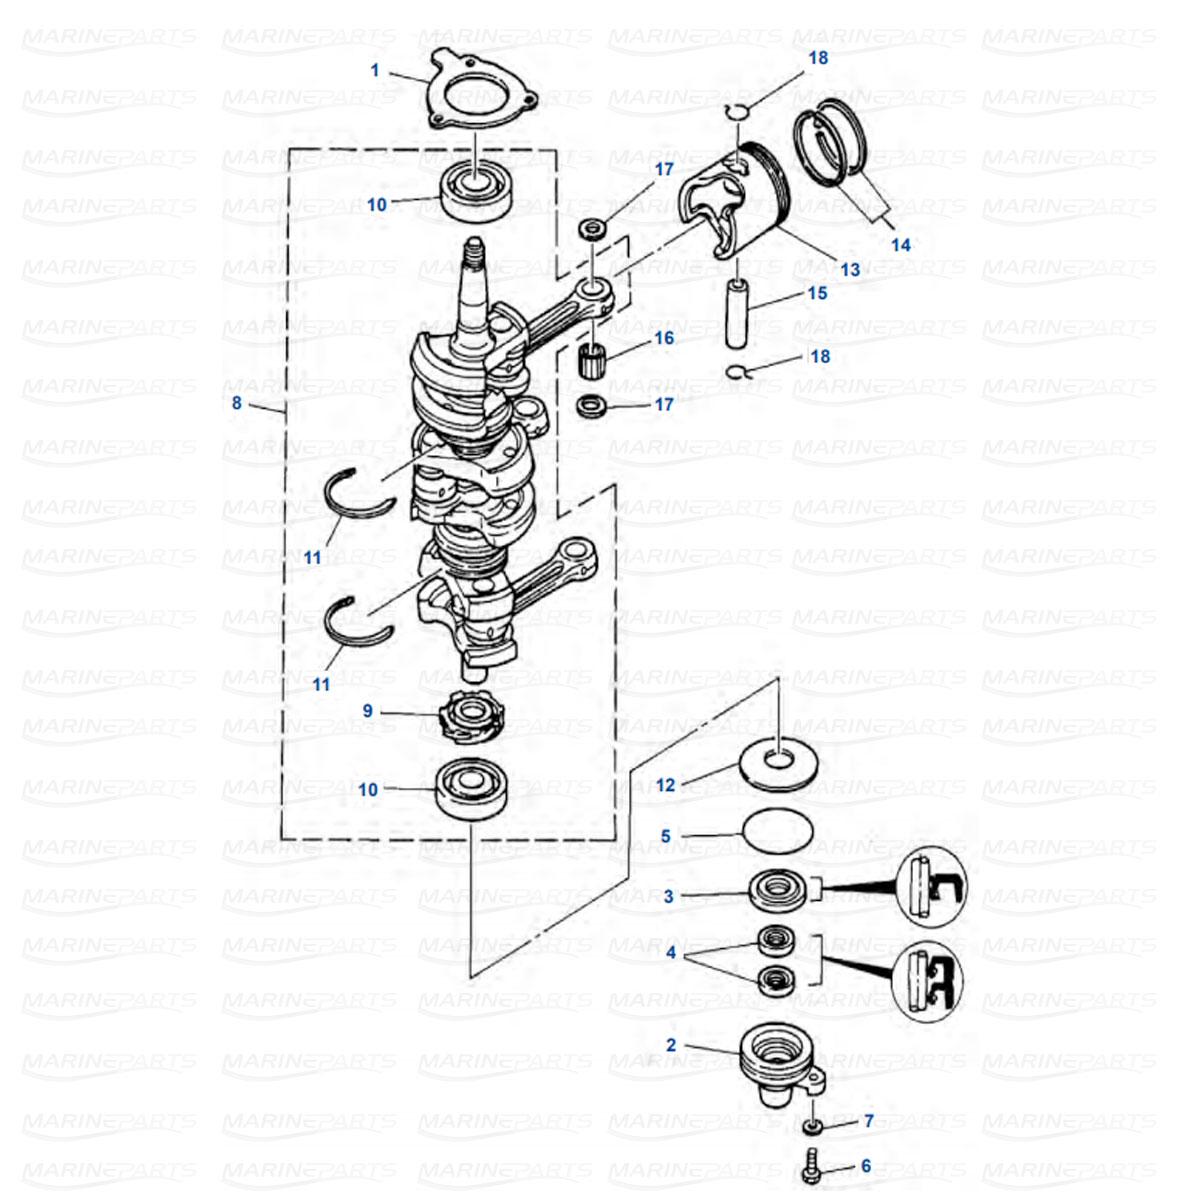 Yamaha moottorin varaosat perämoottorille, Marineparts Finland